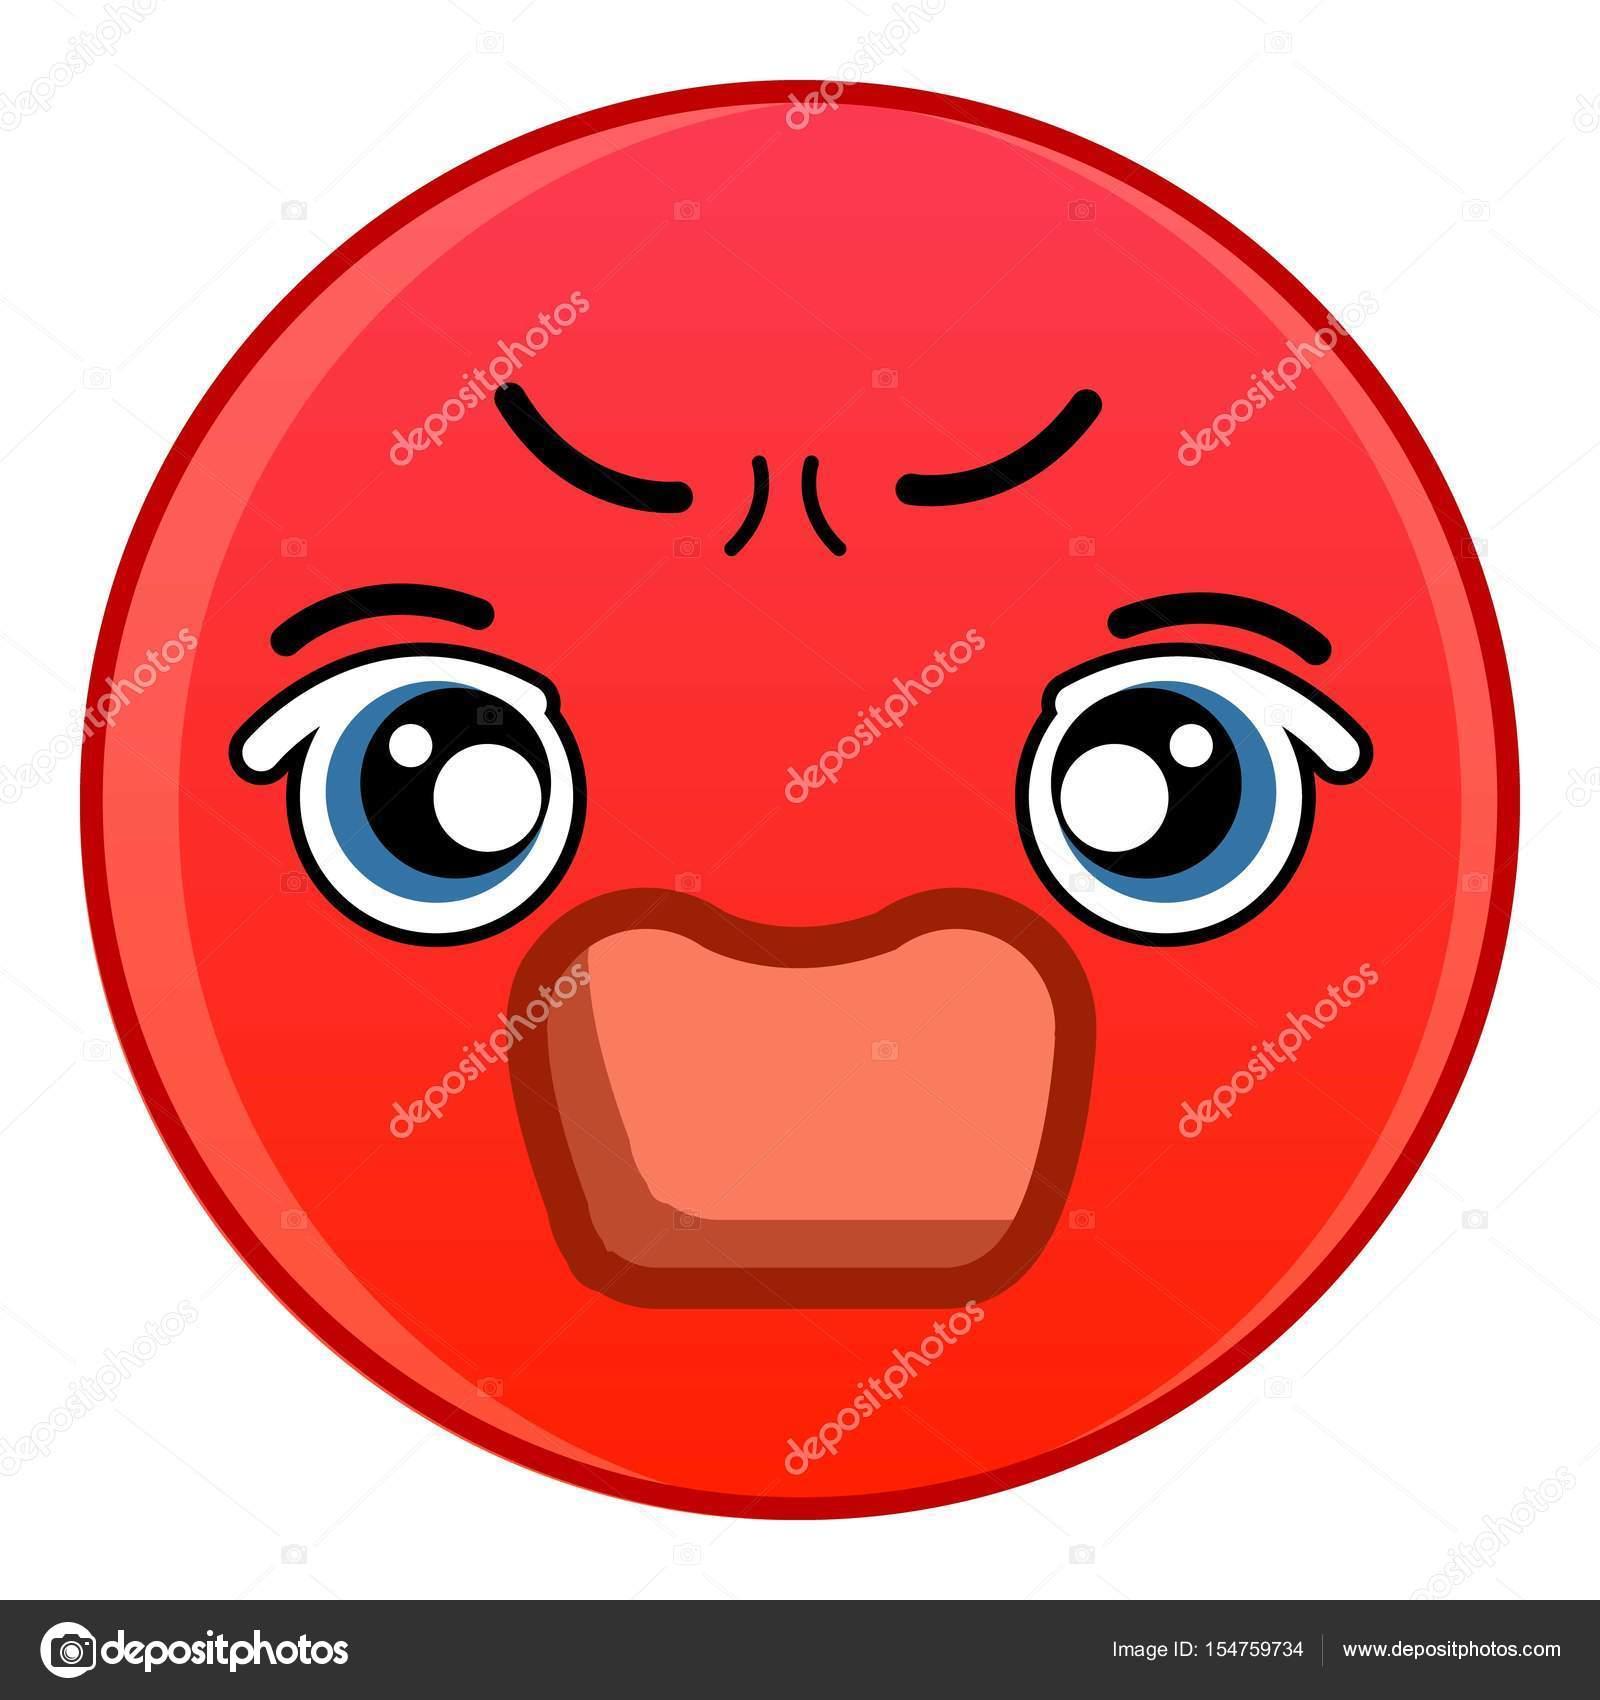 Böse rote Smiley-Symbol, Cartoon-Stil — Stockvektor